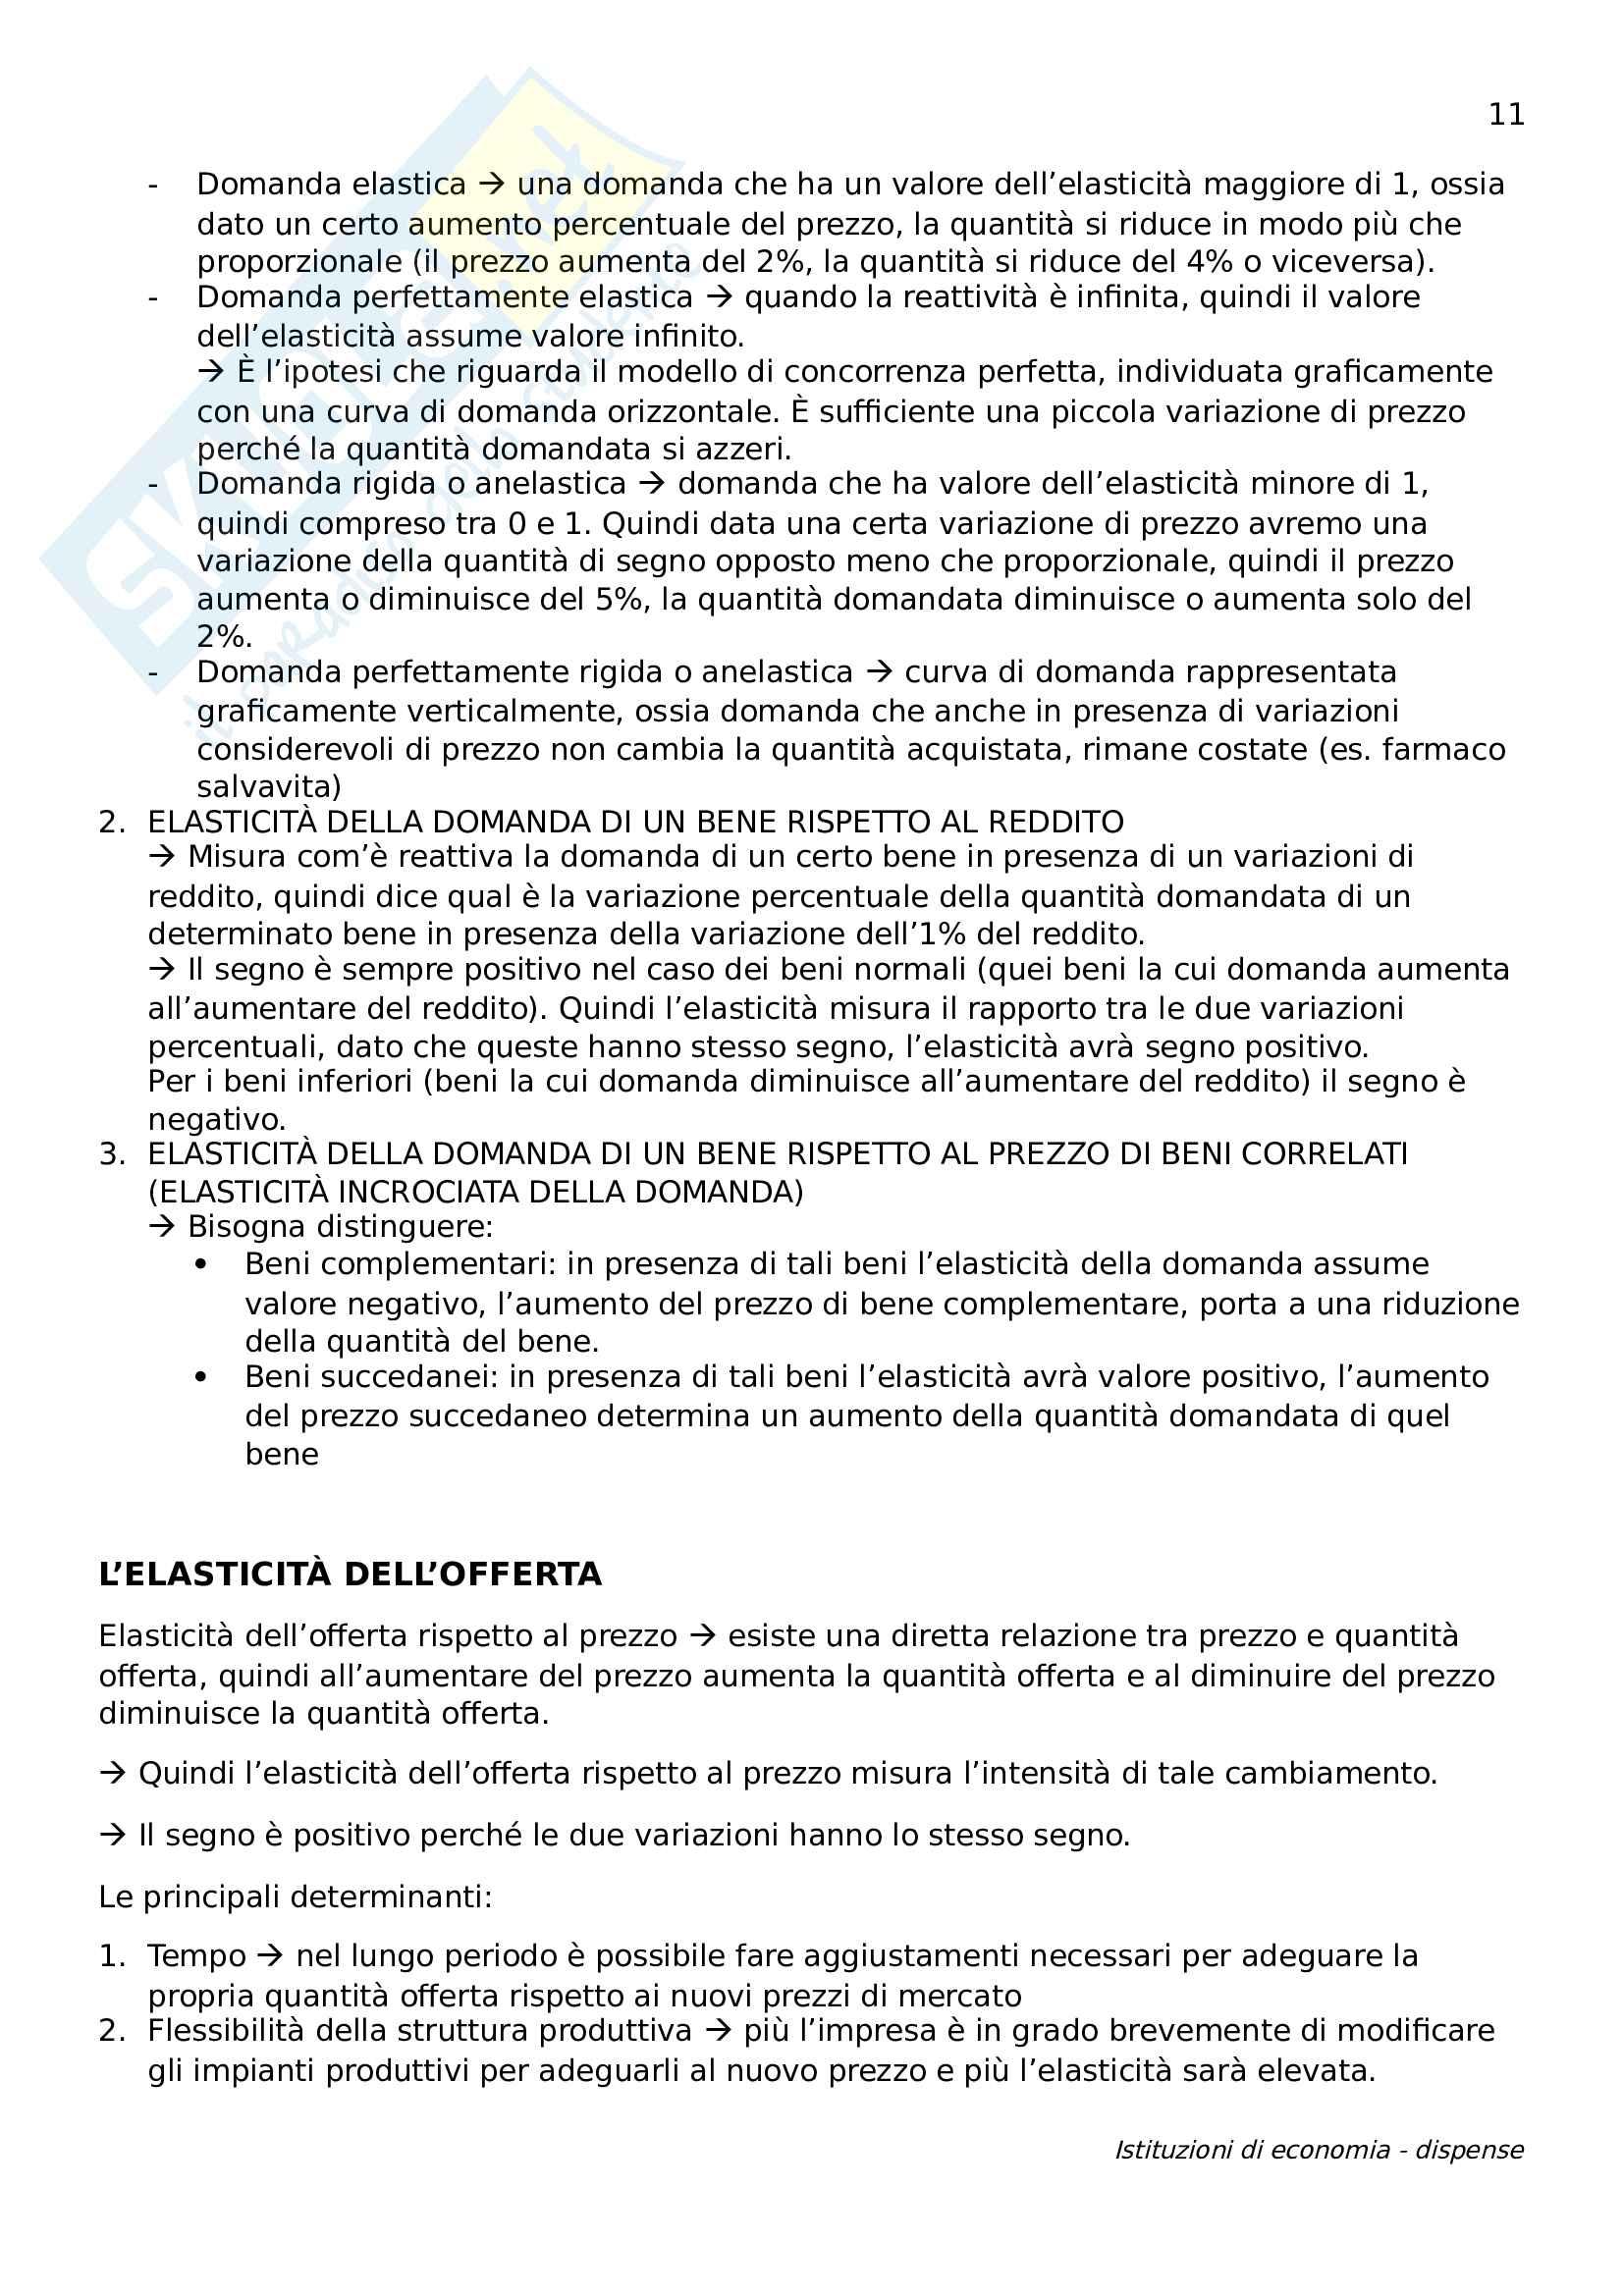 Istituzioni di economia Pag. 11